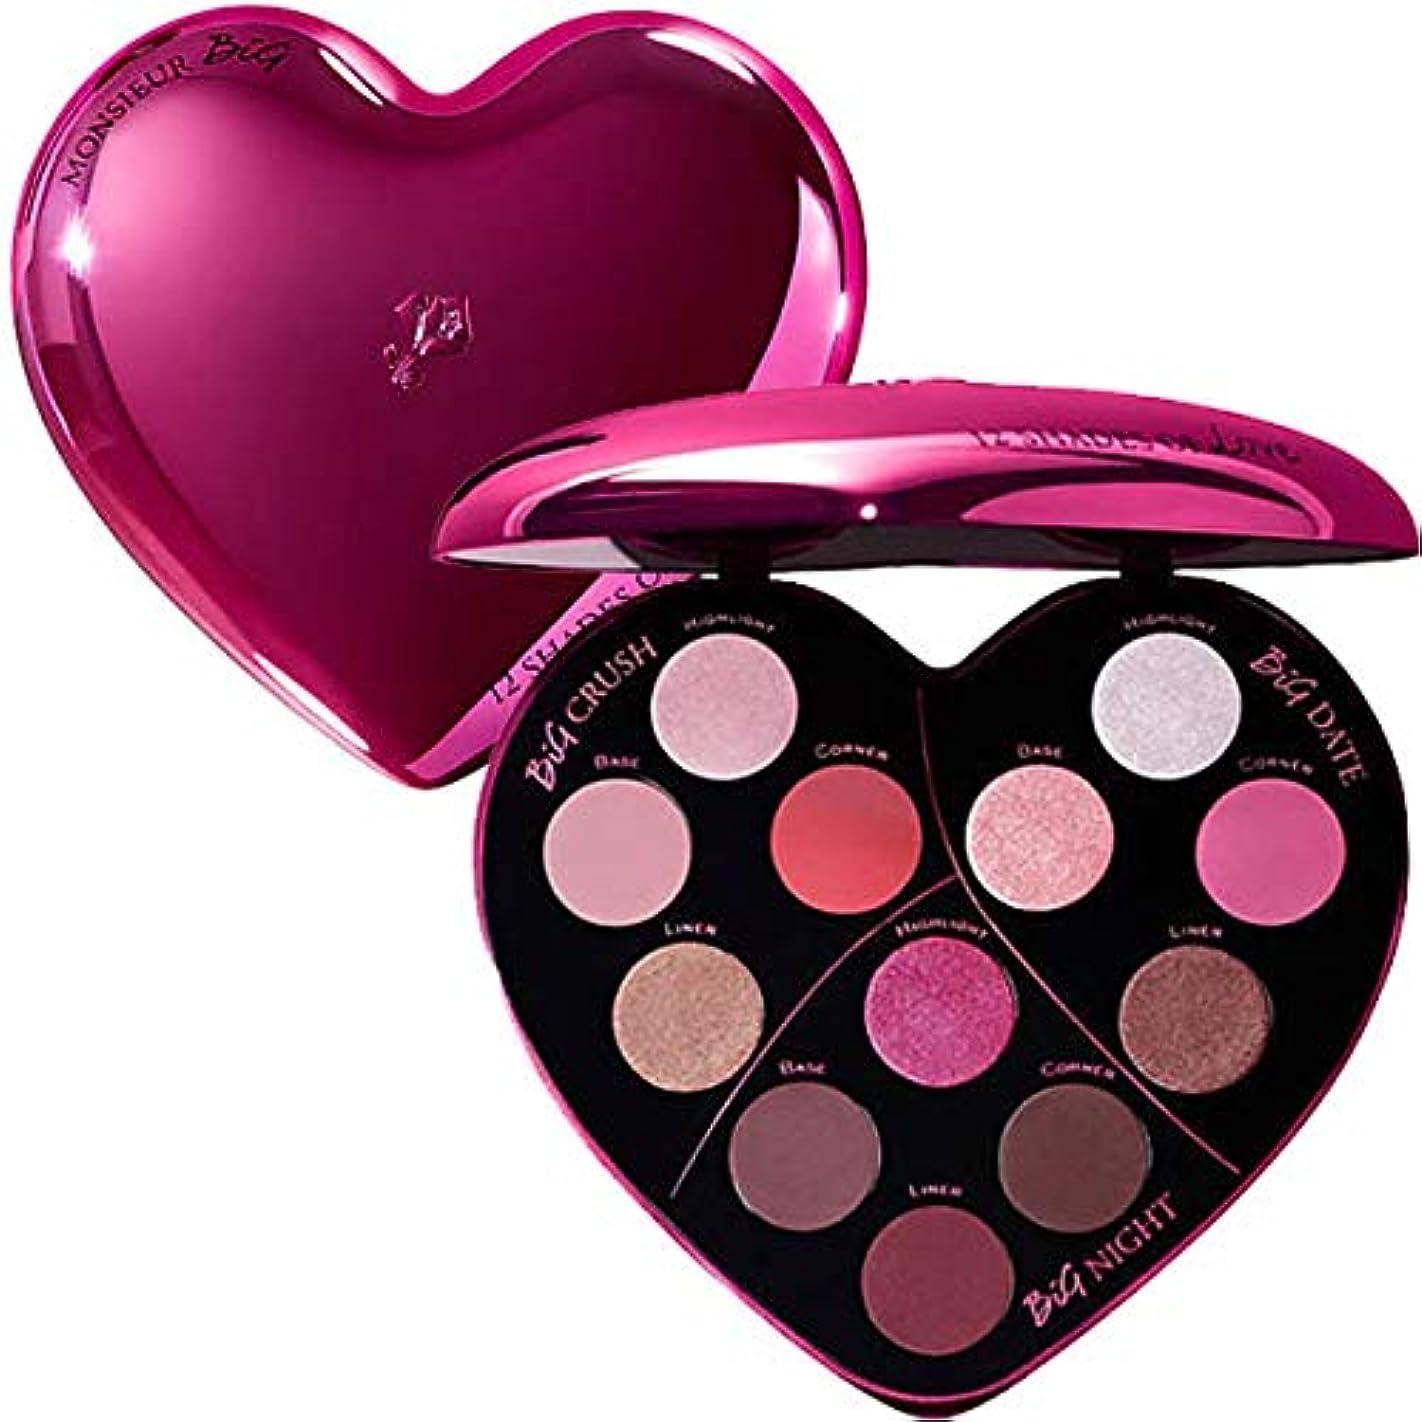 開拓者ホットその間ランコム(LANCOME), 限定版 limited-edition Monsieur Big Heart-Shaped Eyeshadow Palette [海外直送品] [並行輸入品]